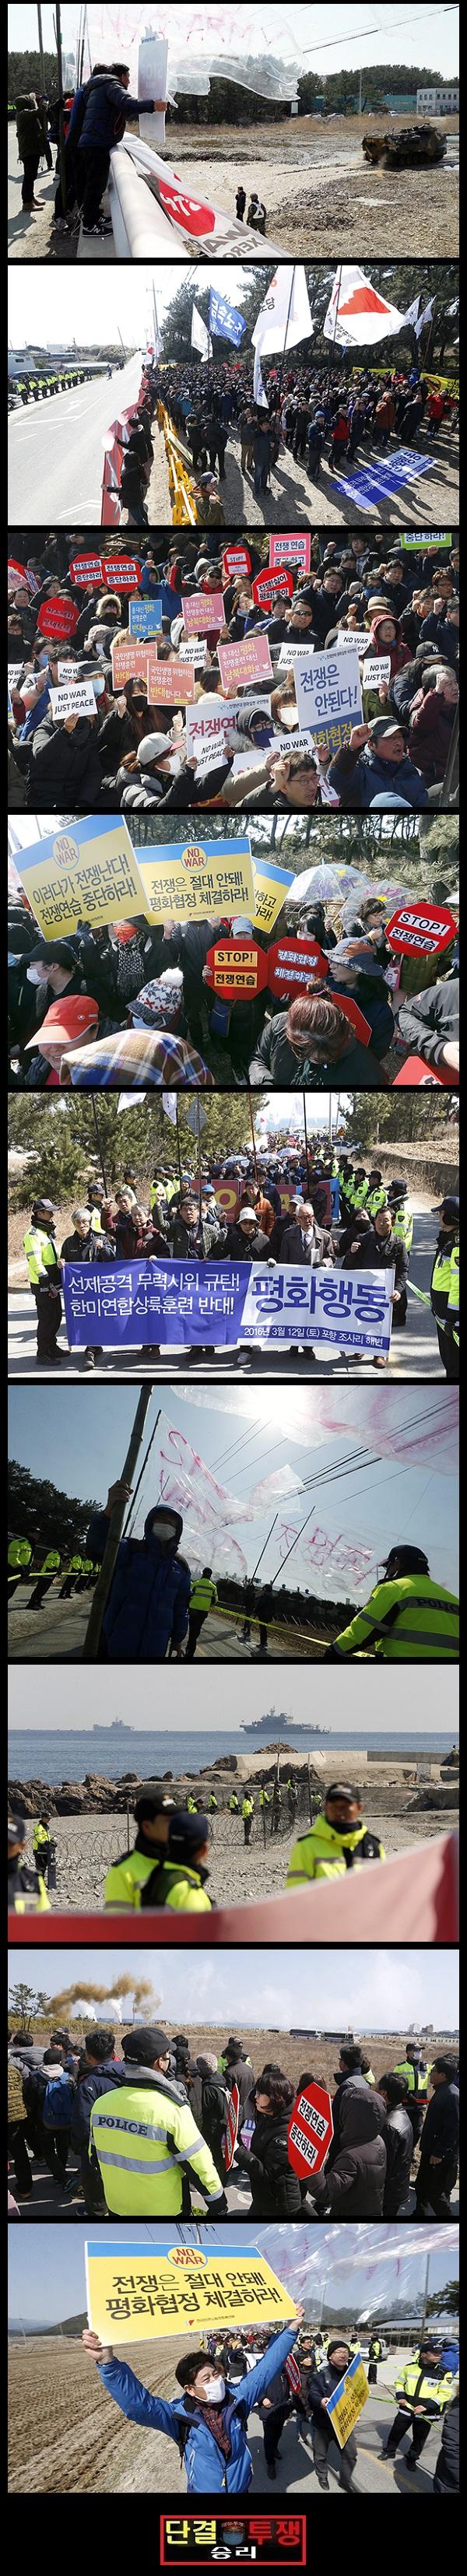 Güney Kore: ABD İle Yürütülen Savaş Oyunlarına Karşı Protesto  – FotoHaber